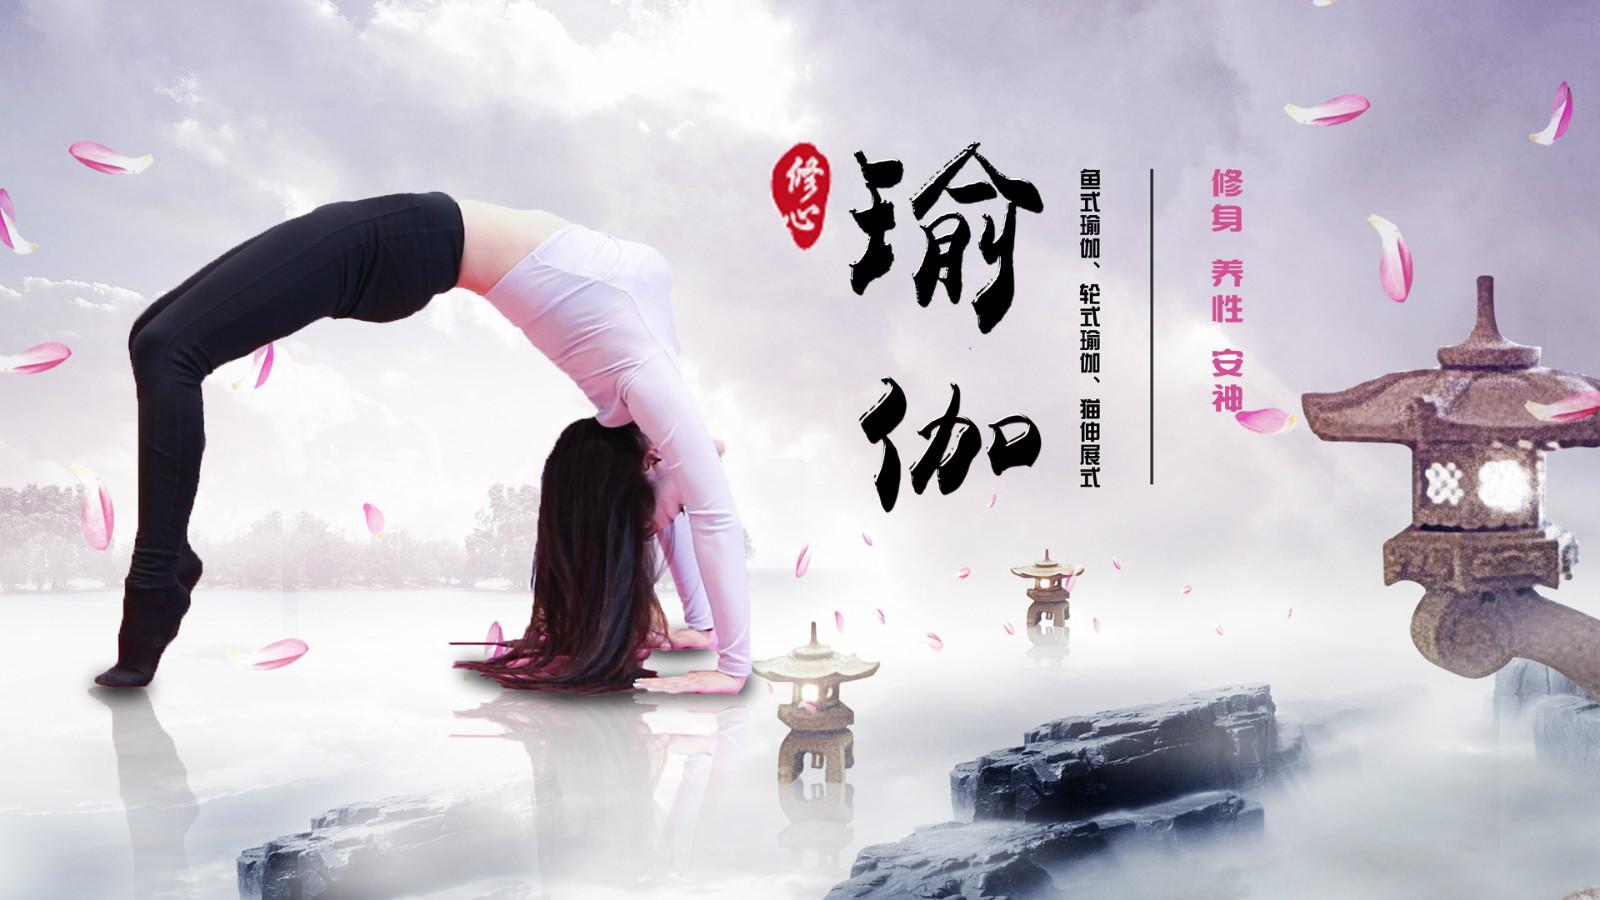 瑜伽腹部视频腰部初级_教程腰视频直播瑜伽_销售减肥技巧图片